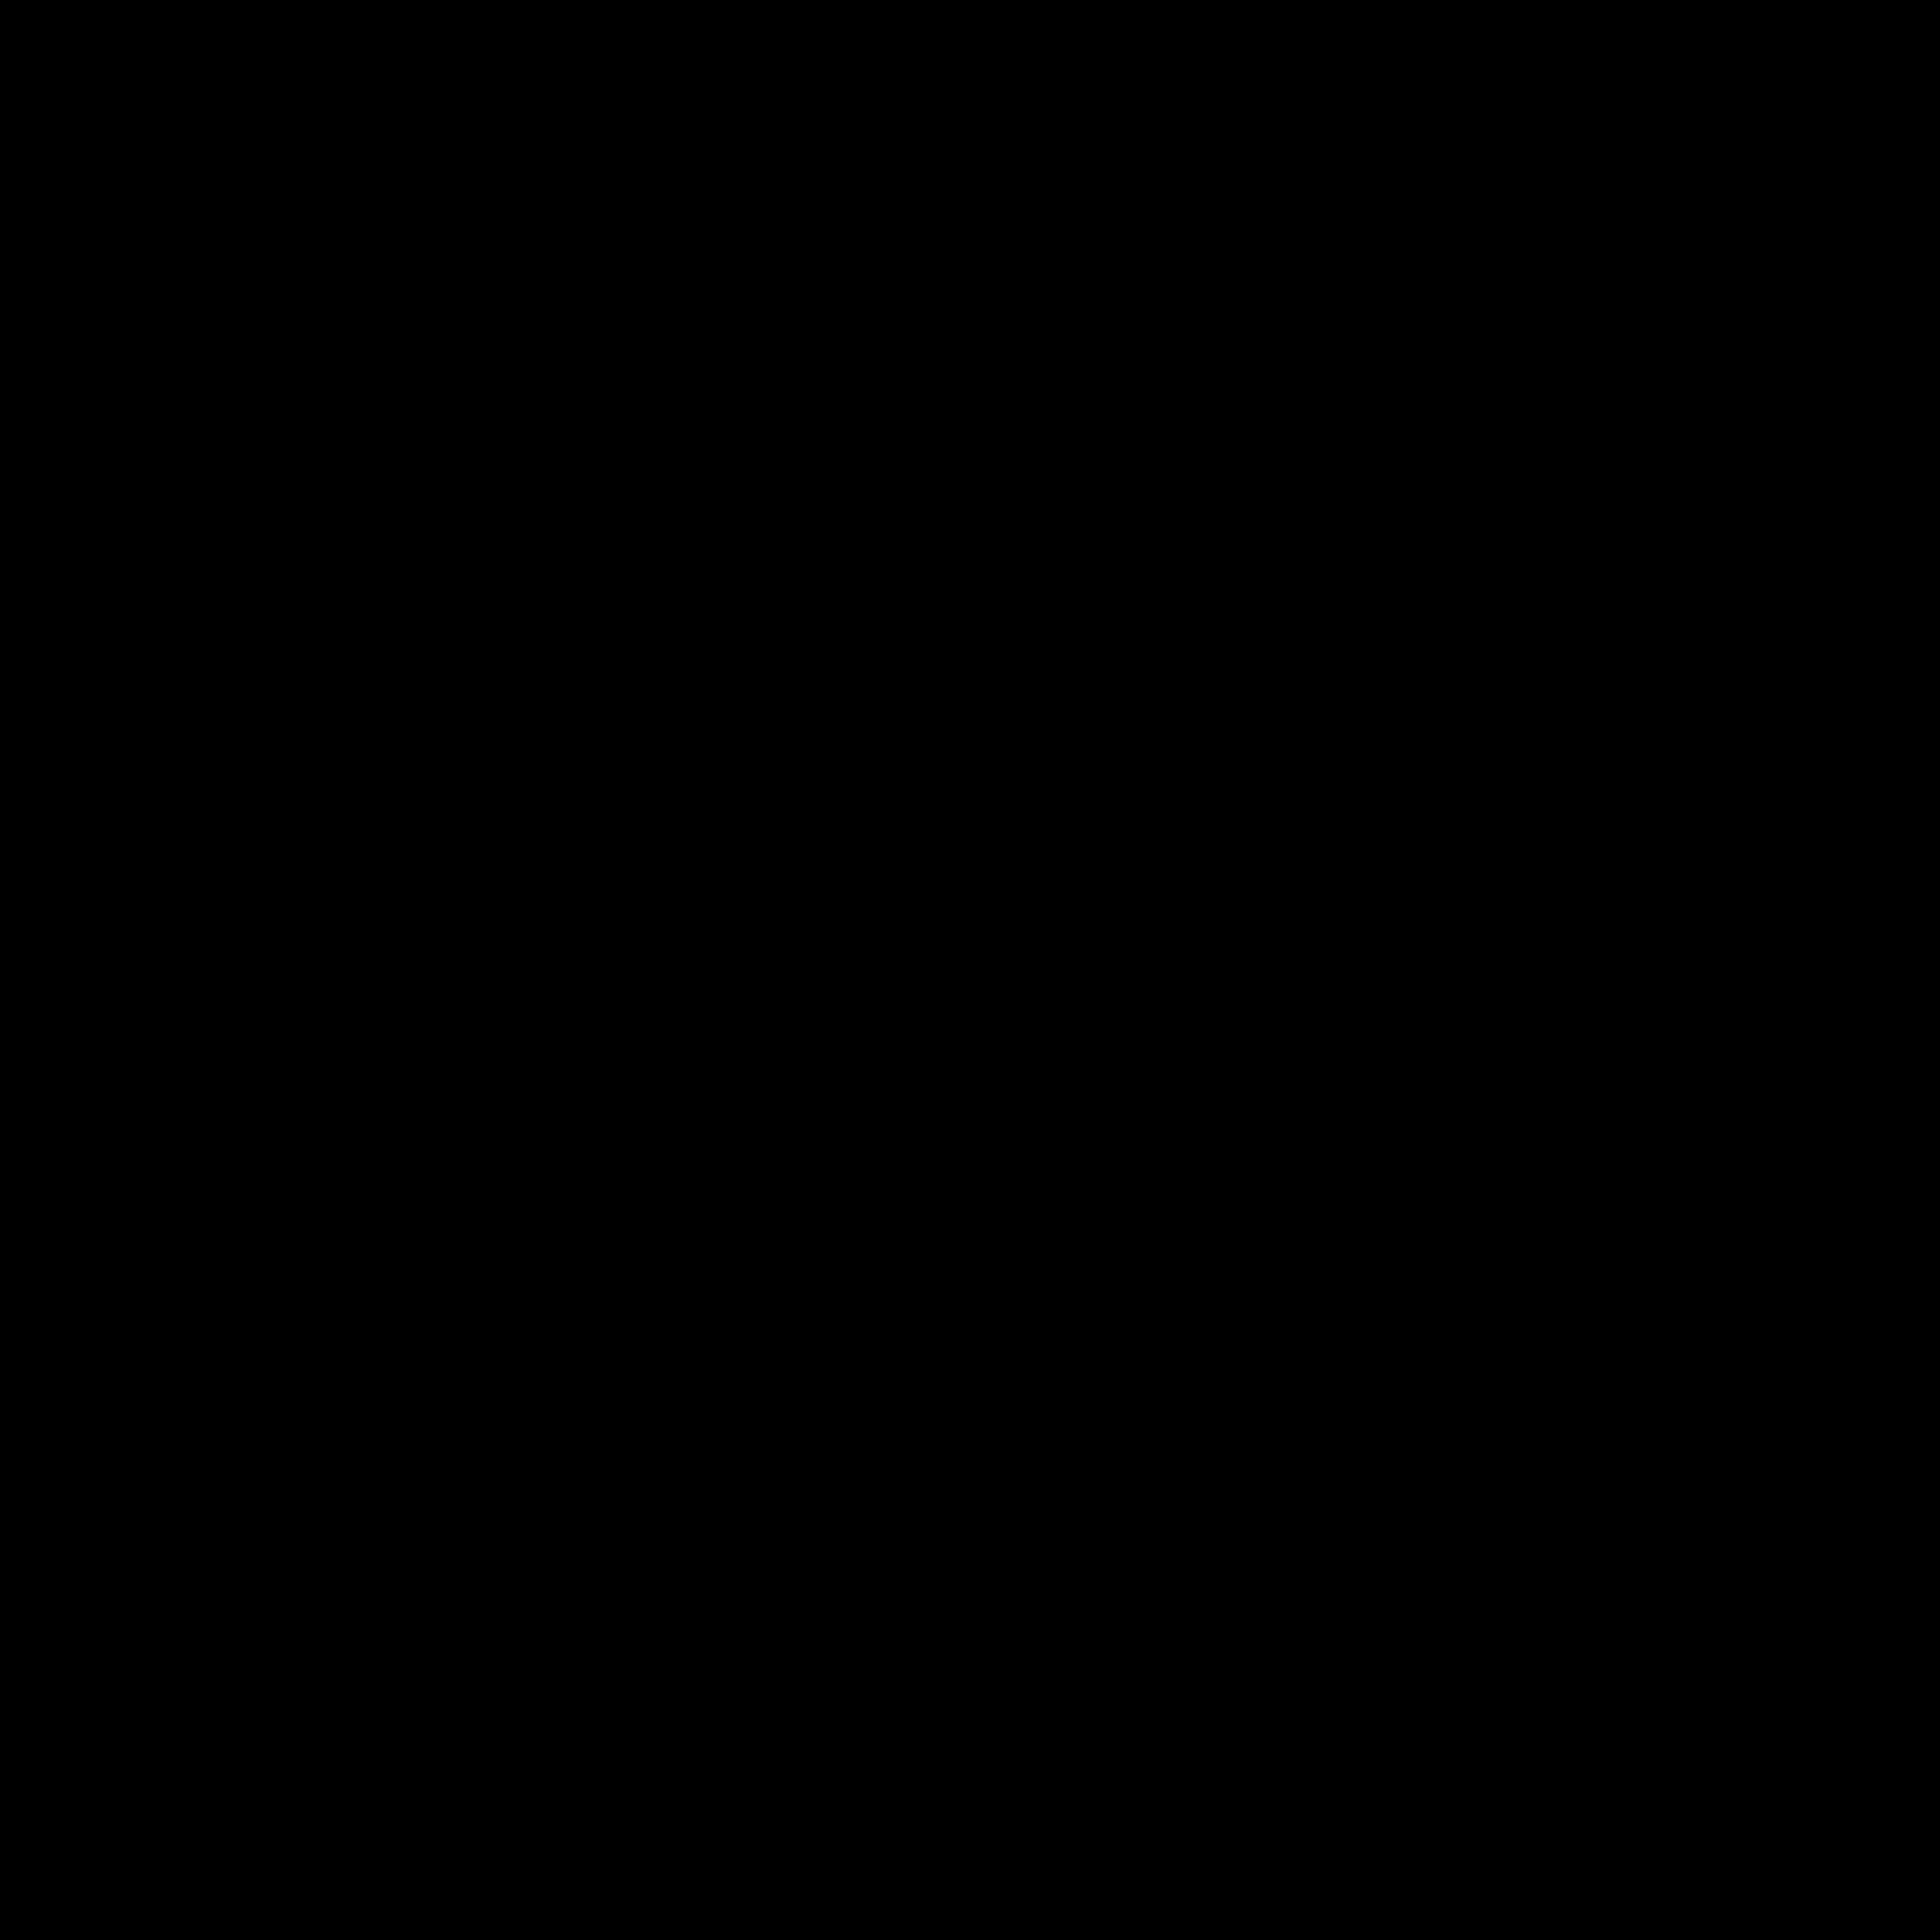 asp netPRO Logo PNG Transparent & SVG Vector.